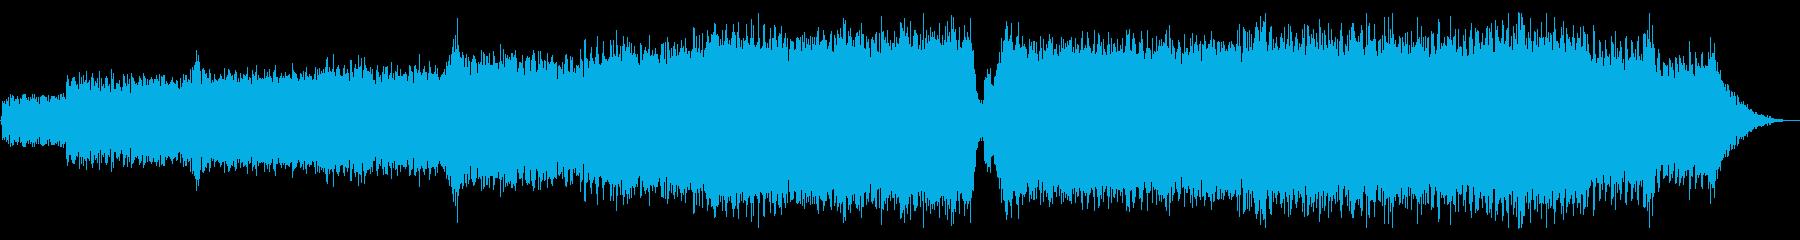 澄み渡る青空_シンセパッドなしの再生済みの波形